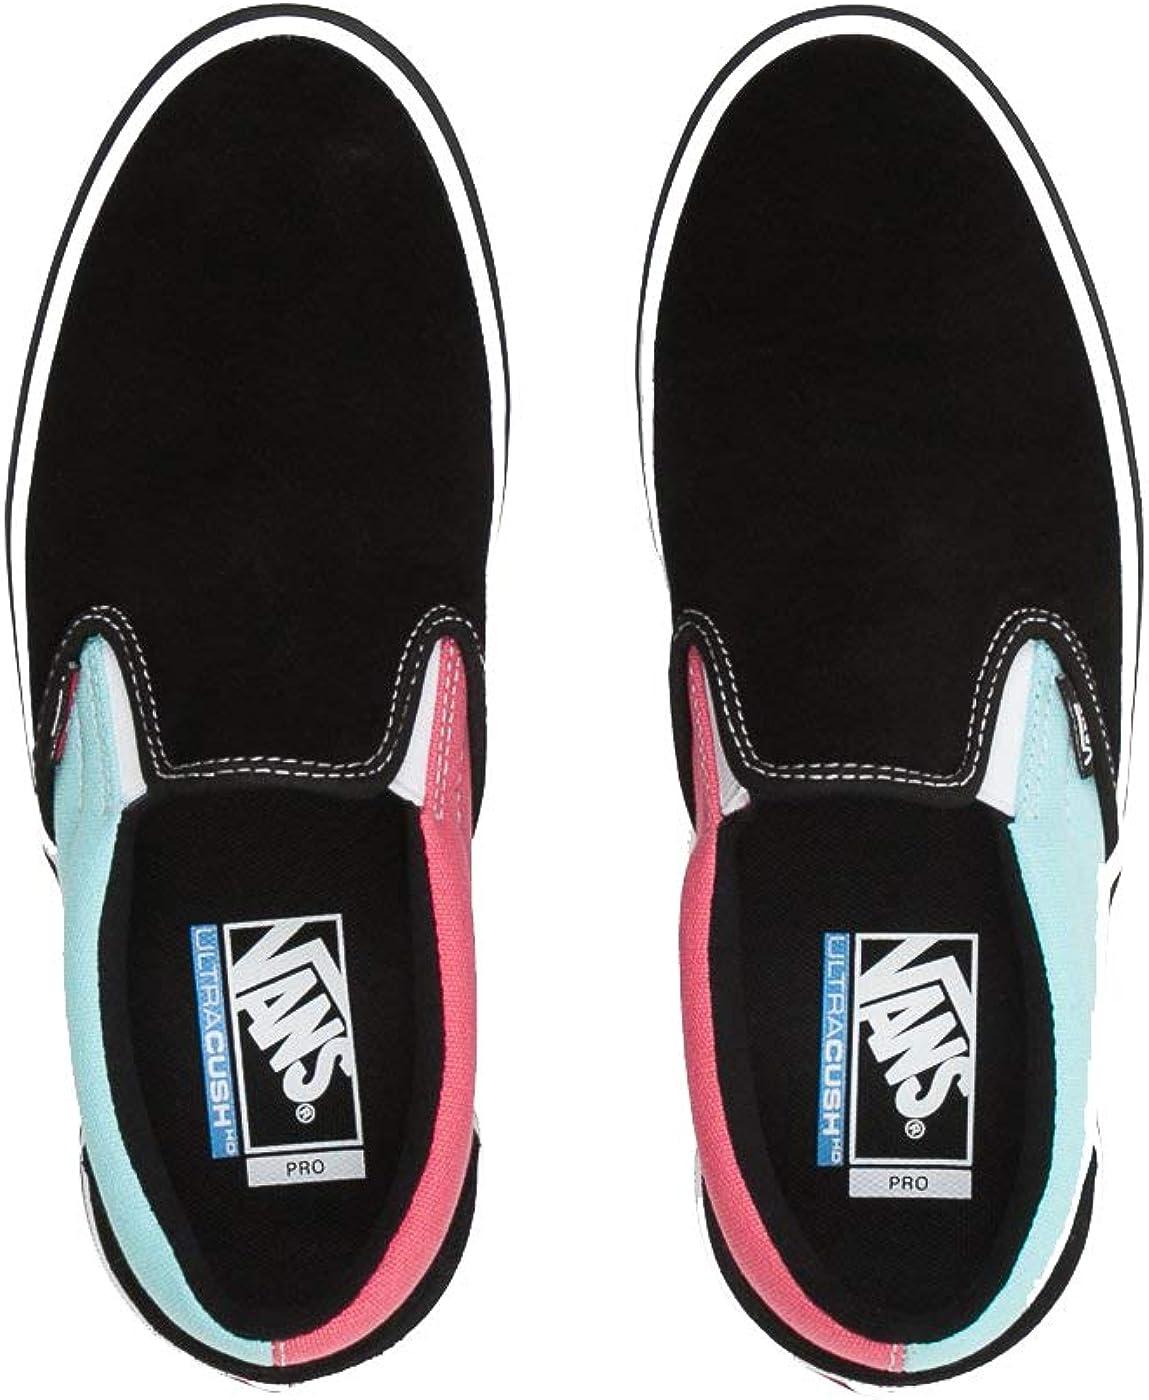 Vans Slip-On Pro (Asymmetry) Black/Blue